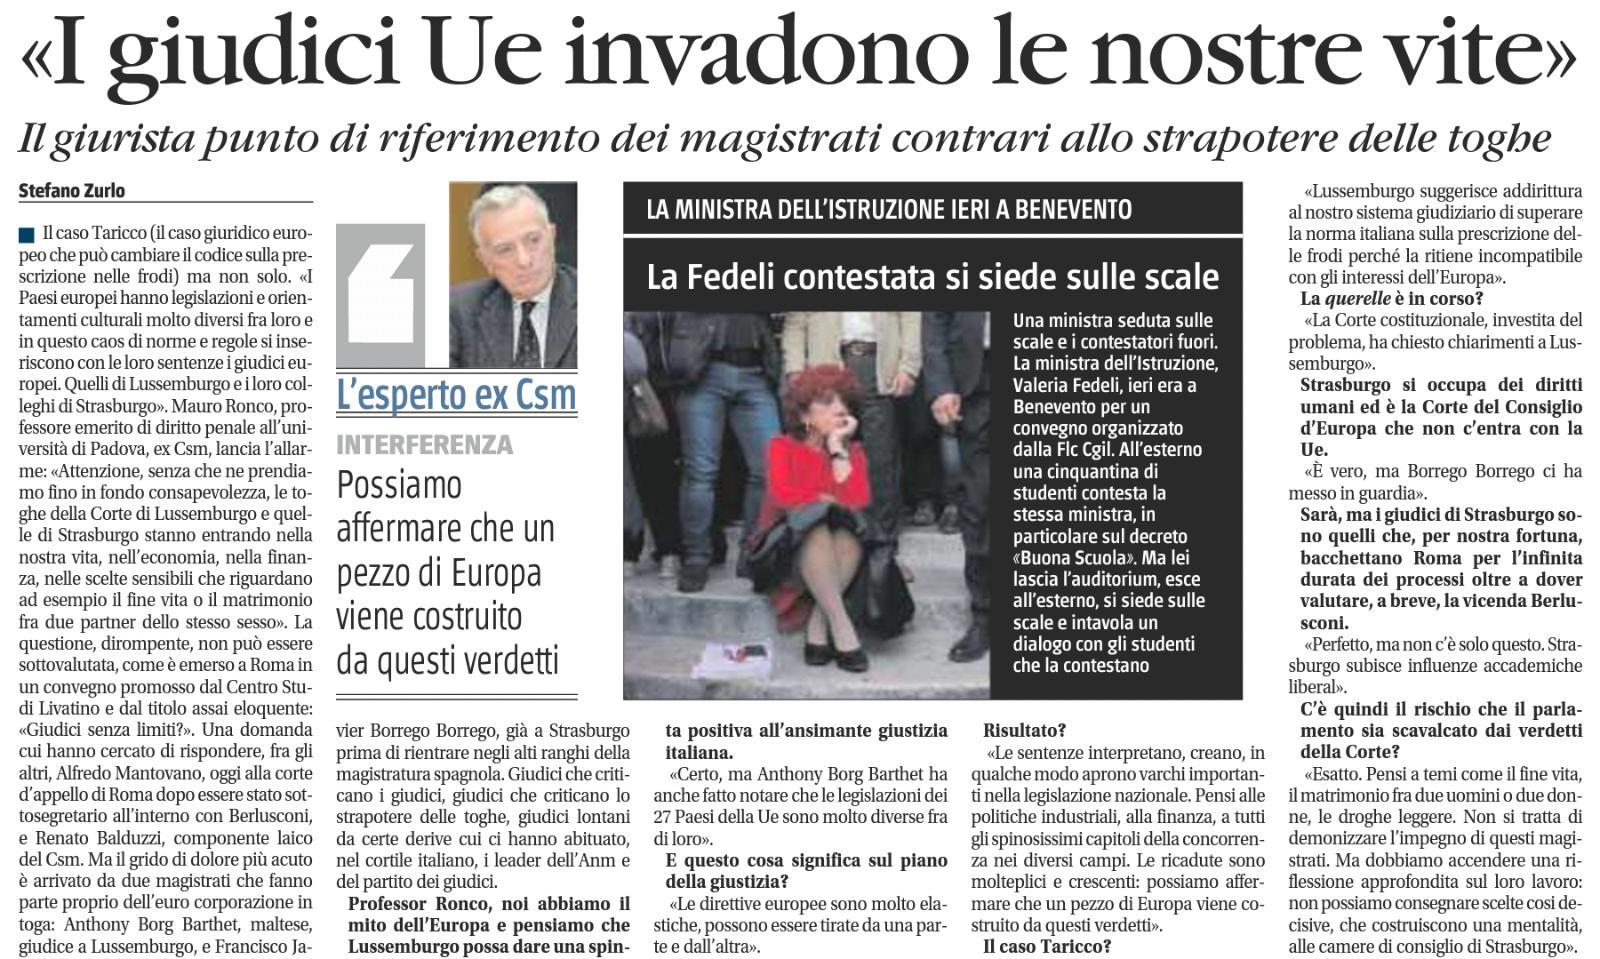 Intervista a Mauro Ronco sul convegno Giudici senza confini?